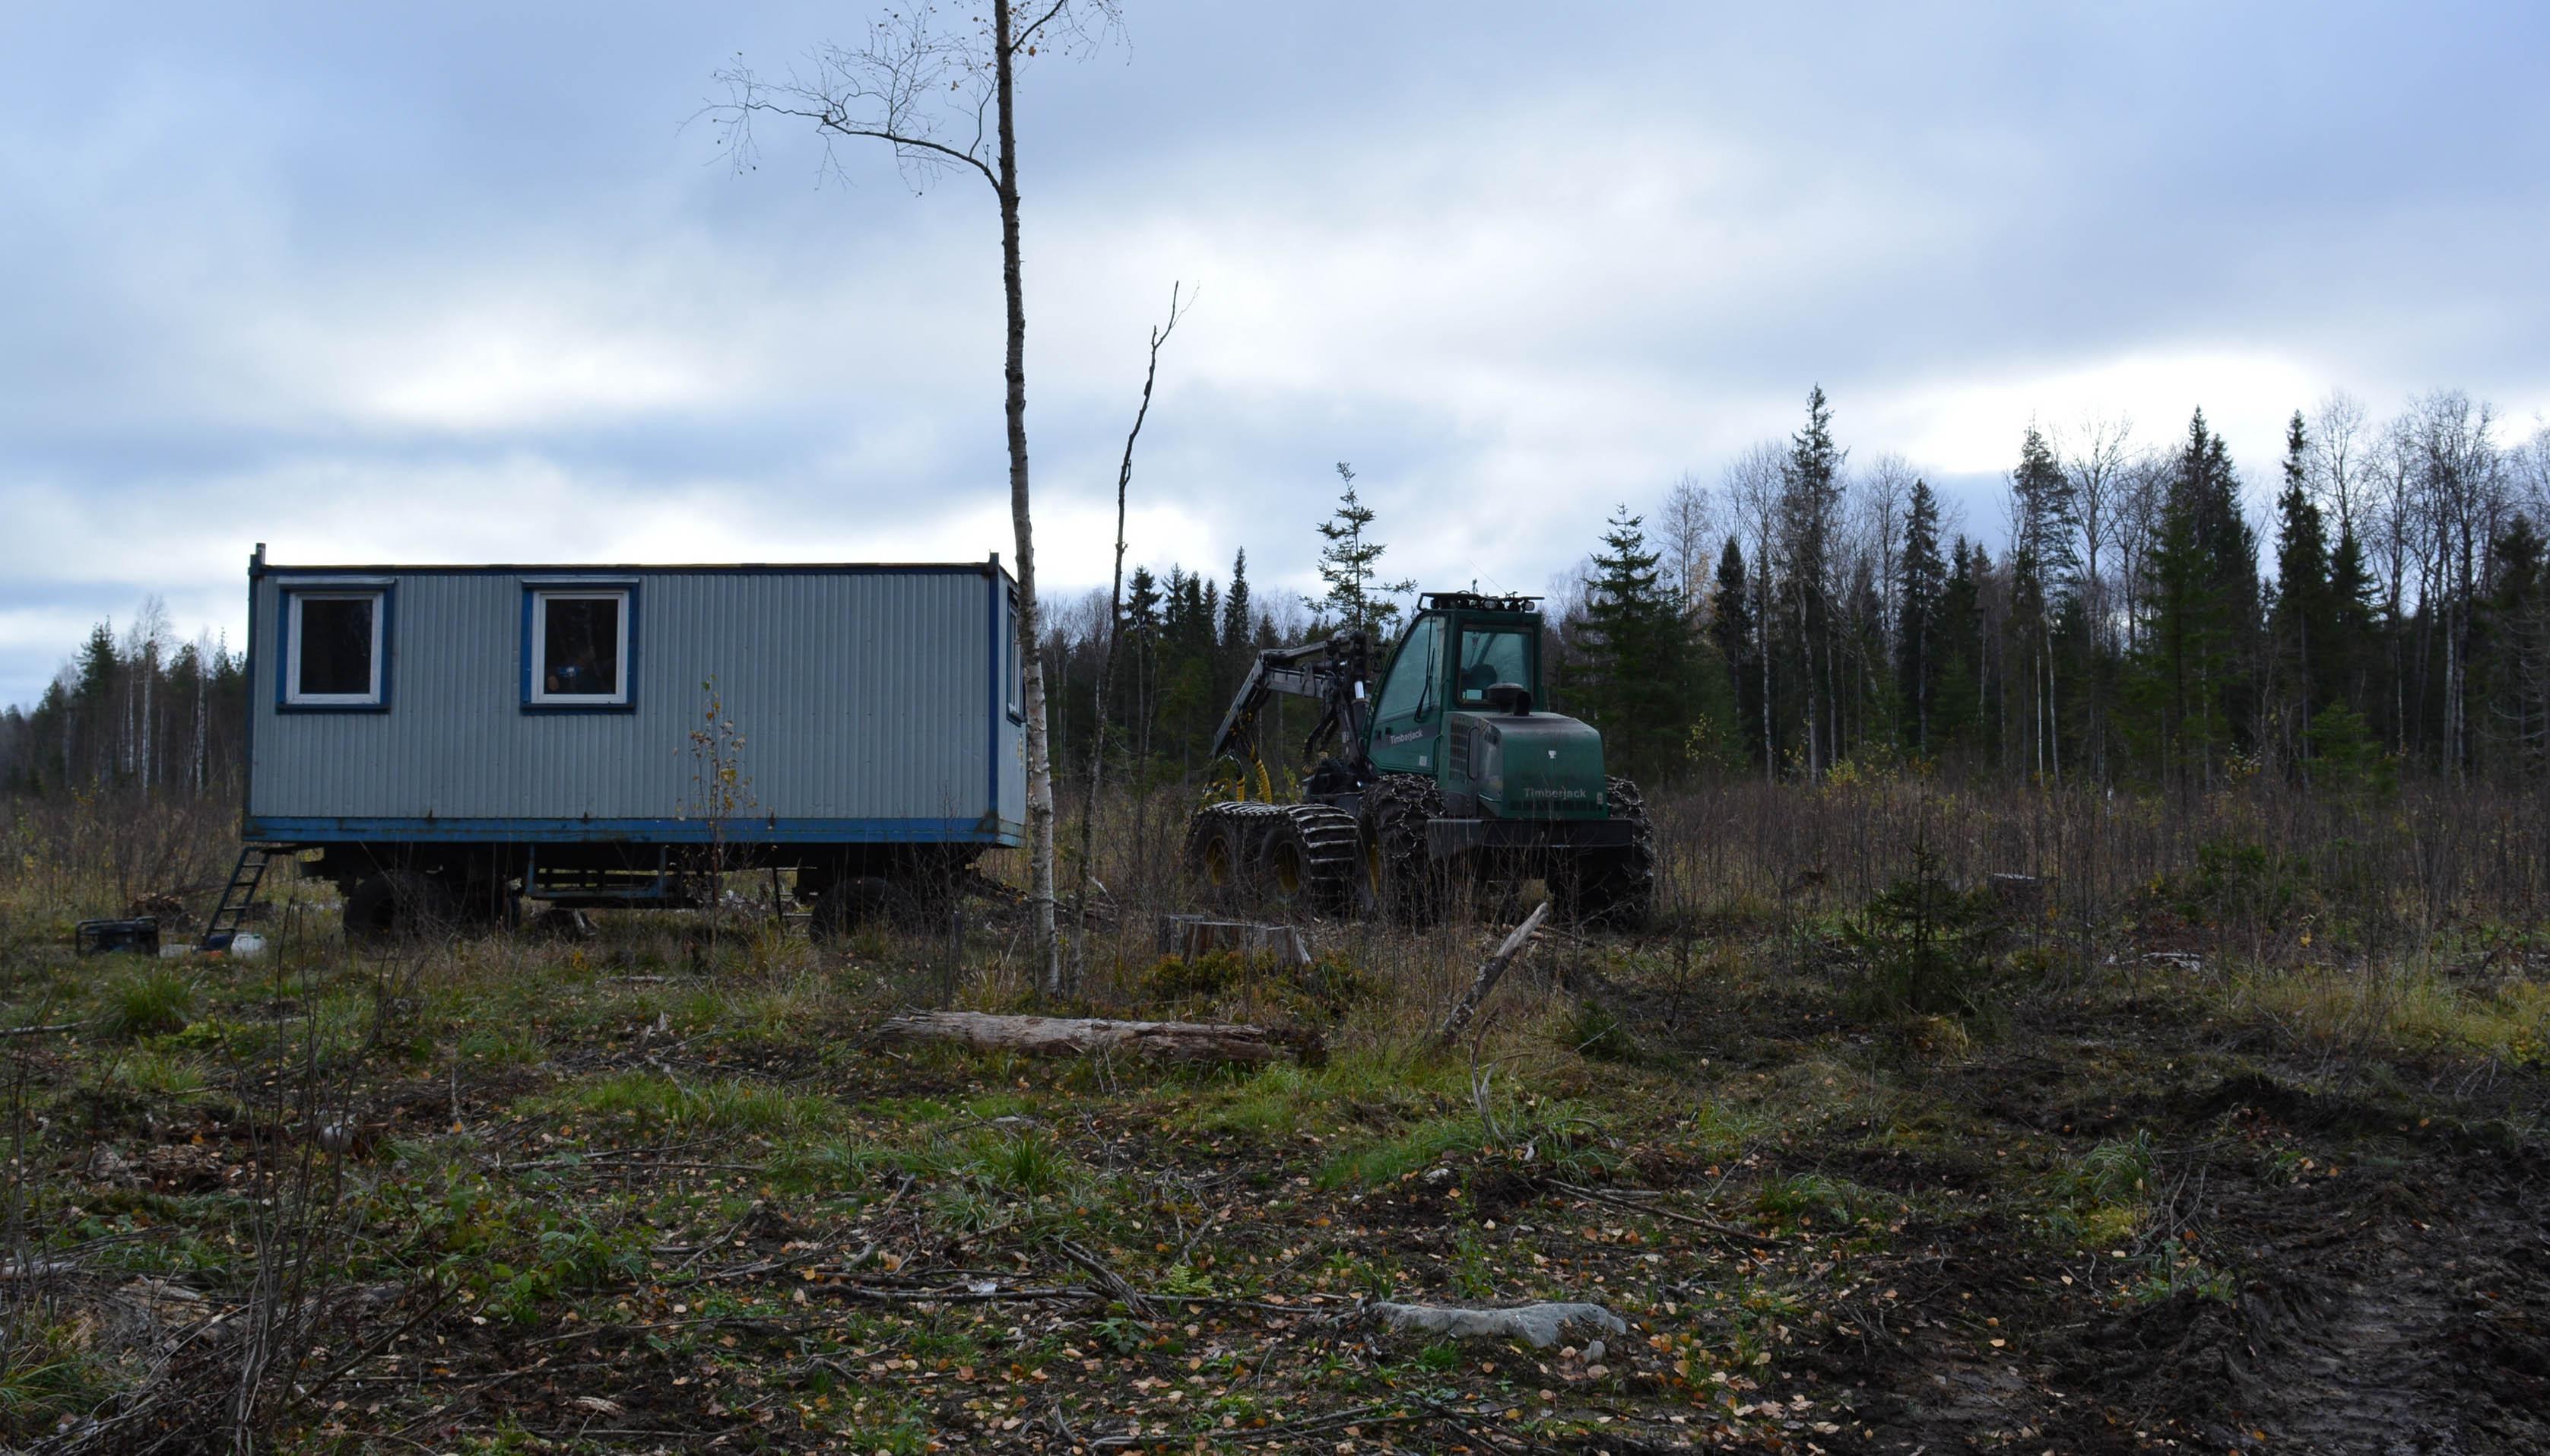 Лагерь лесозаготовителей. Фото: Алексей Владимиров